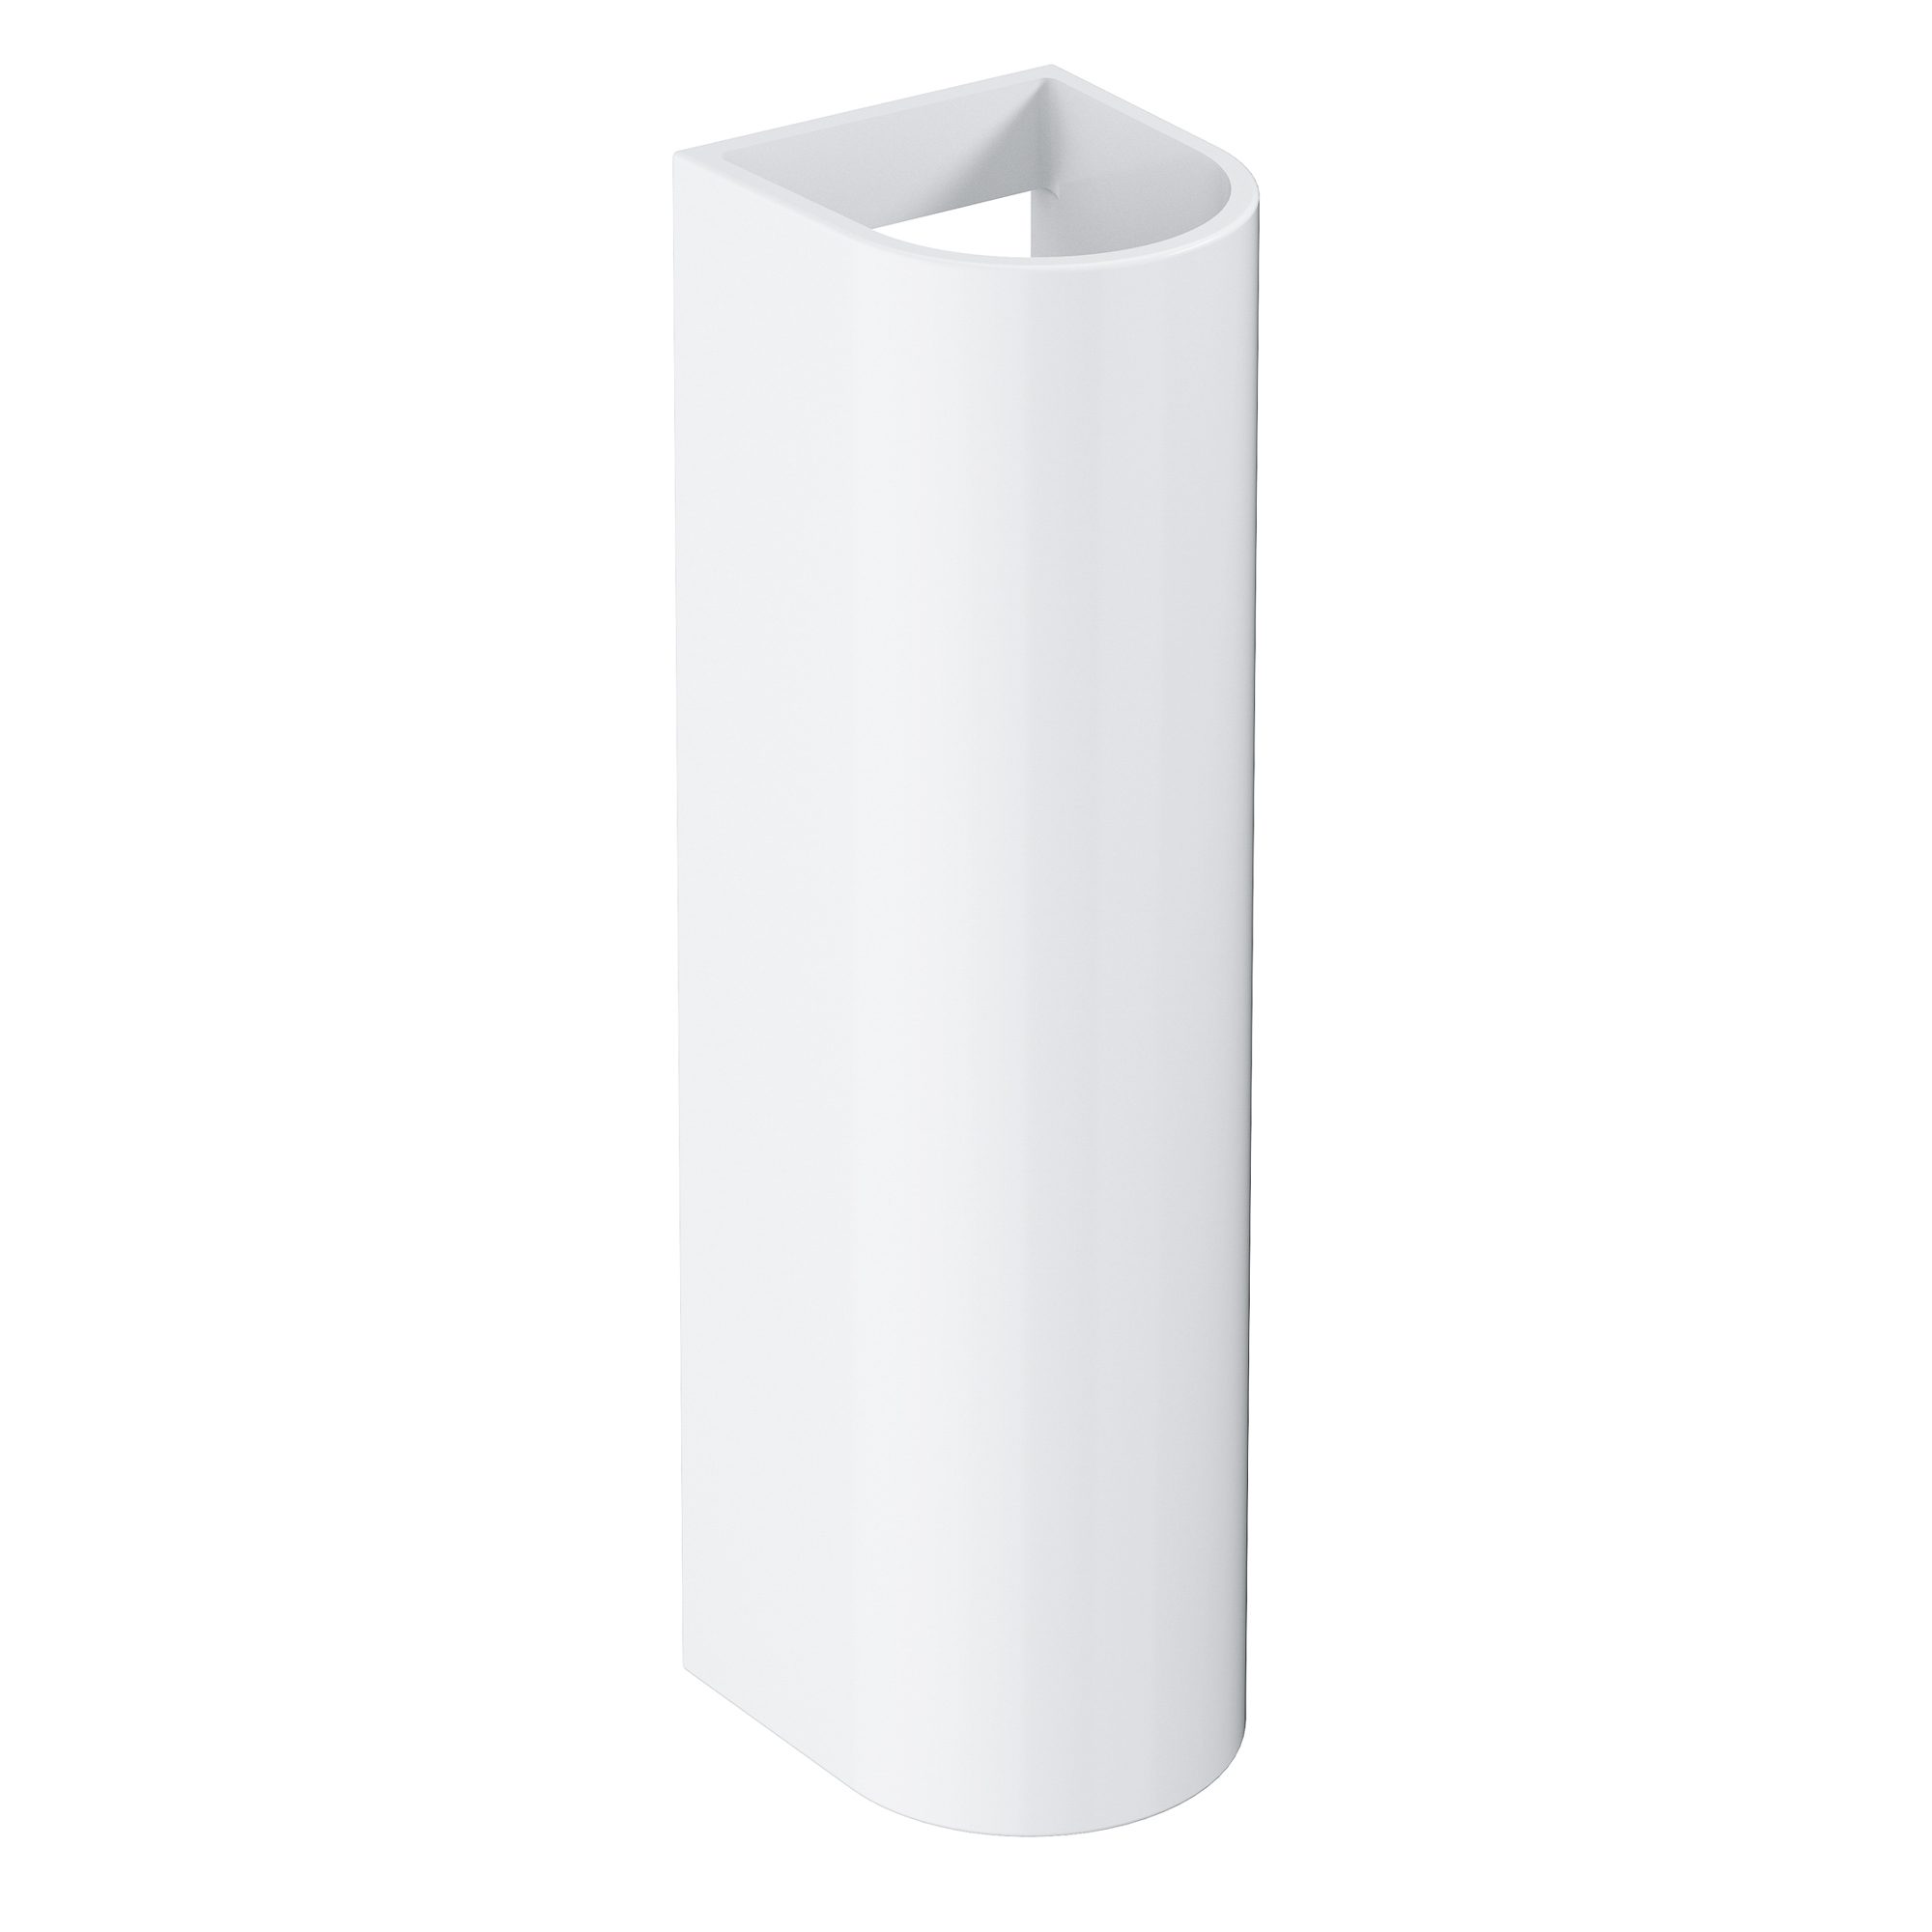 Купить Пьедестал для раковины GROHE Euro Ceramic, альпин-белый (39202000), пьедестал, Вьетнам, сантехнический фарфор